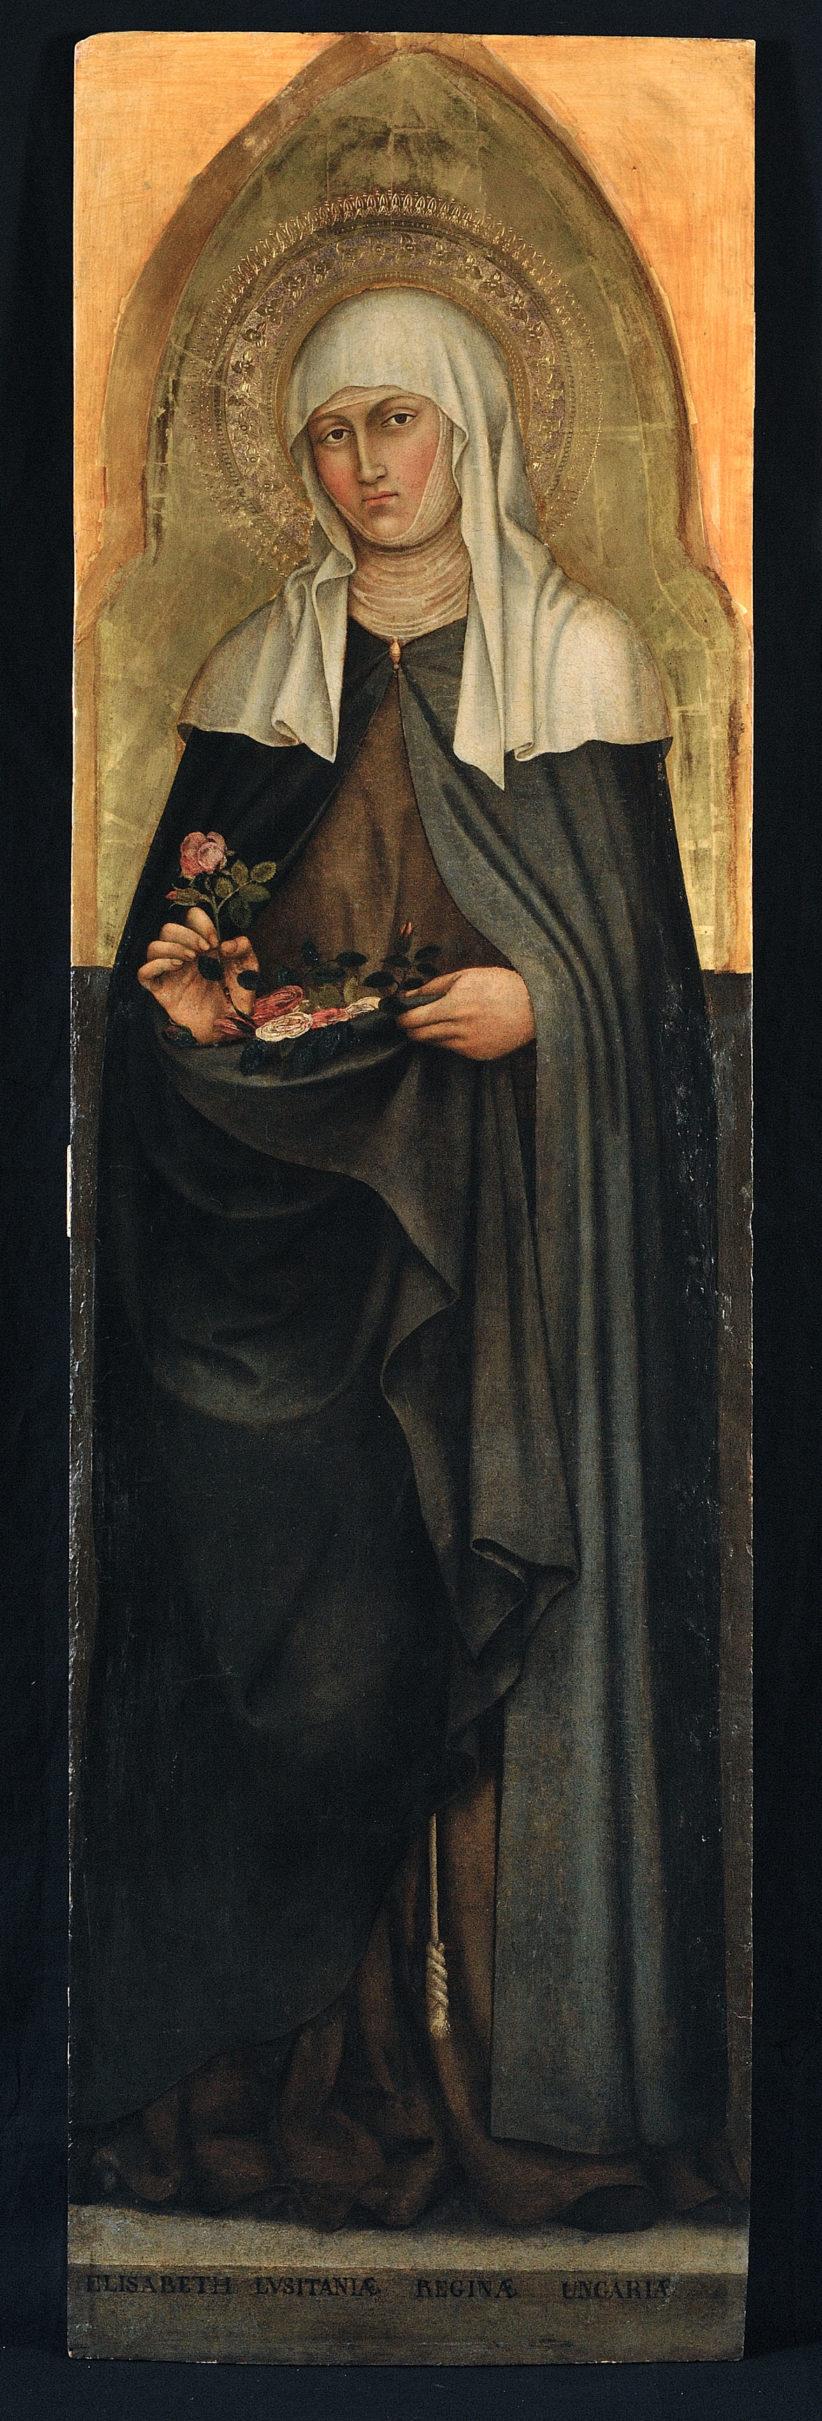 Taddeo di Bartolo Galleria Nazionale dell'Umbria Santa Elisabetta d'Ungheria, 1403 (dettaglio)